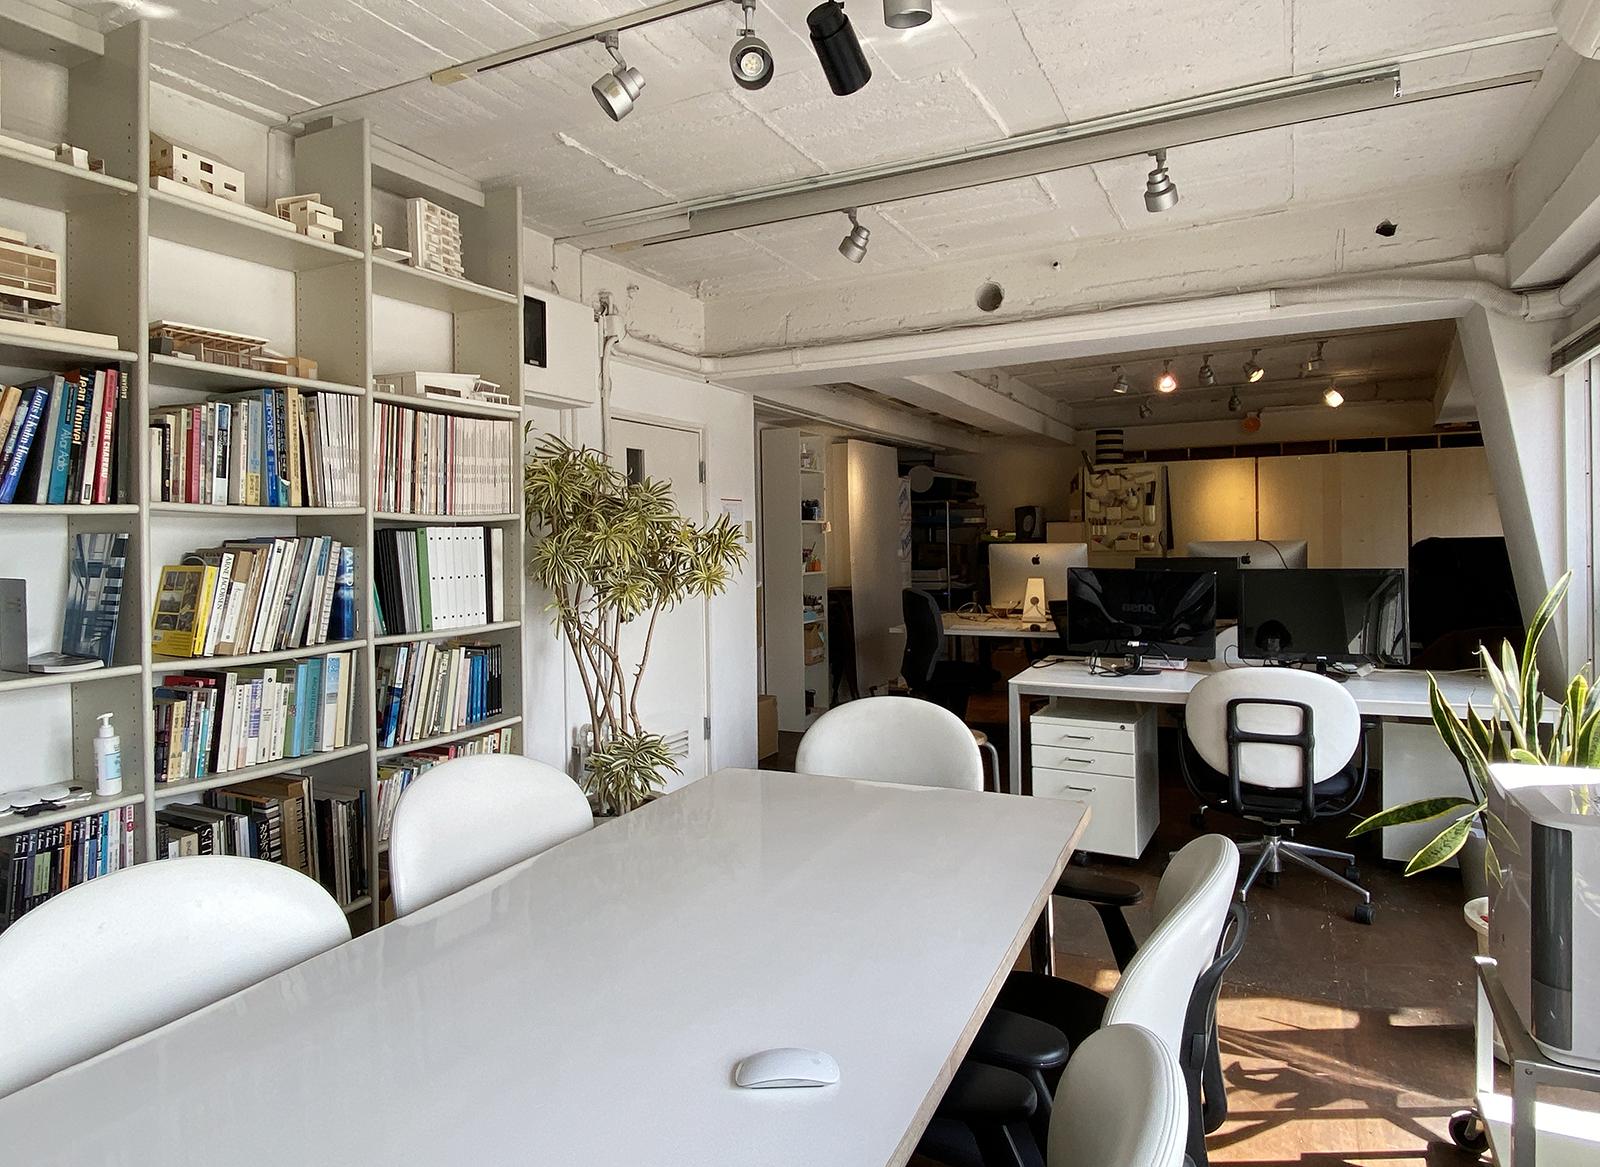 最近スペースを広く使って仕事ができるようにオフィスをフリーアドレス化しました